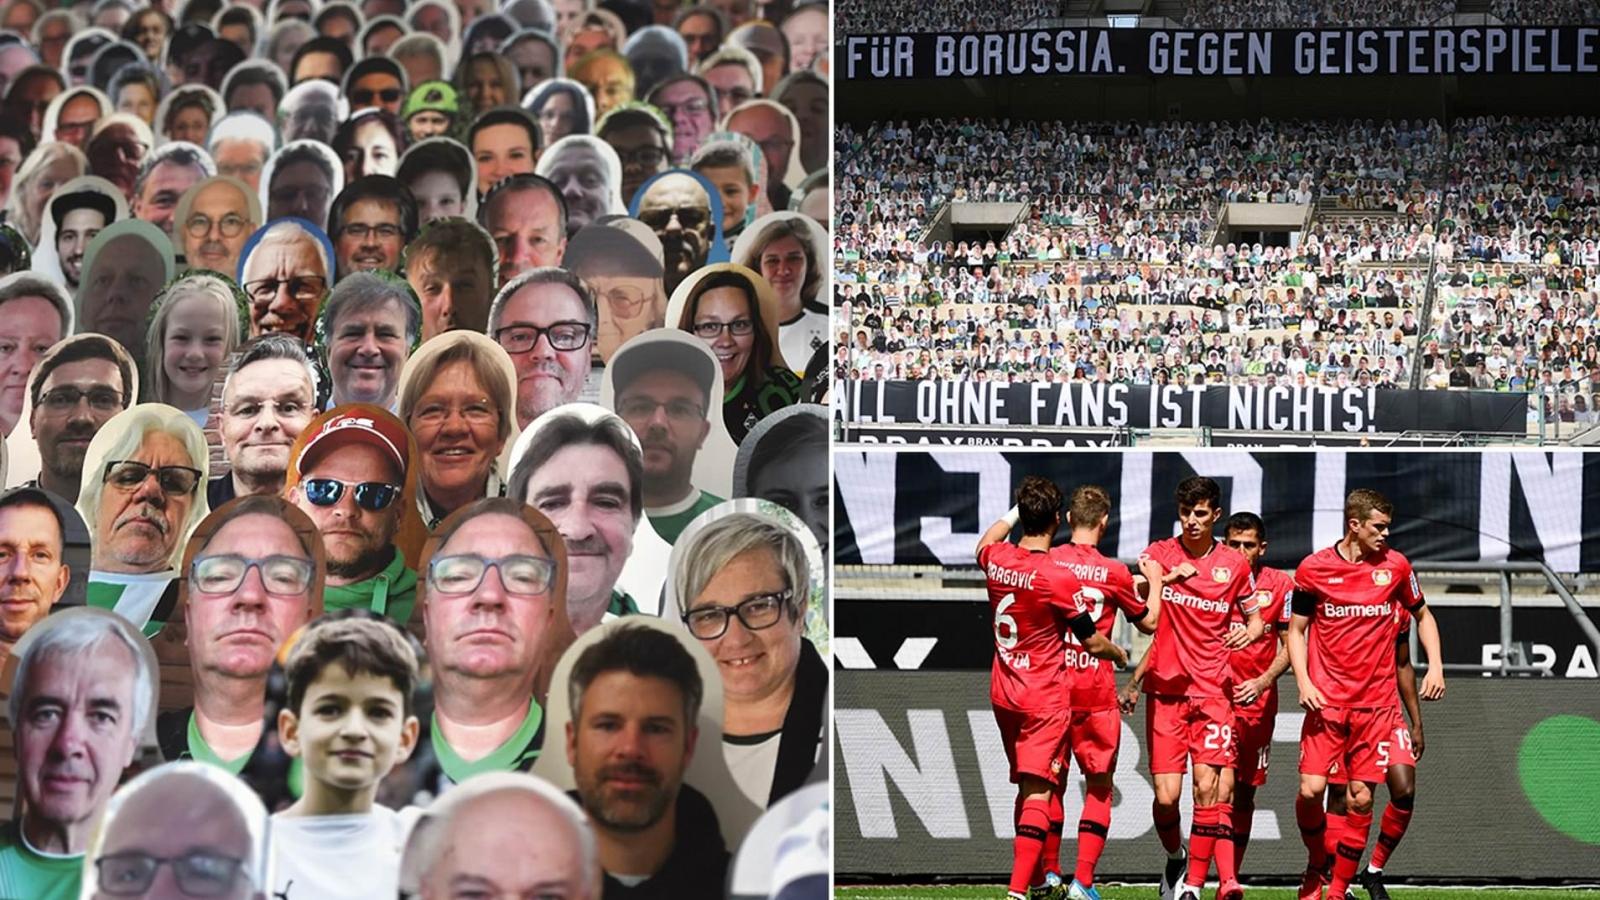 Đội bóng Bundesliga phủ kín khán đài bằng 13.000 bìa ảnh CĐV